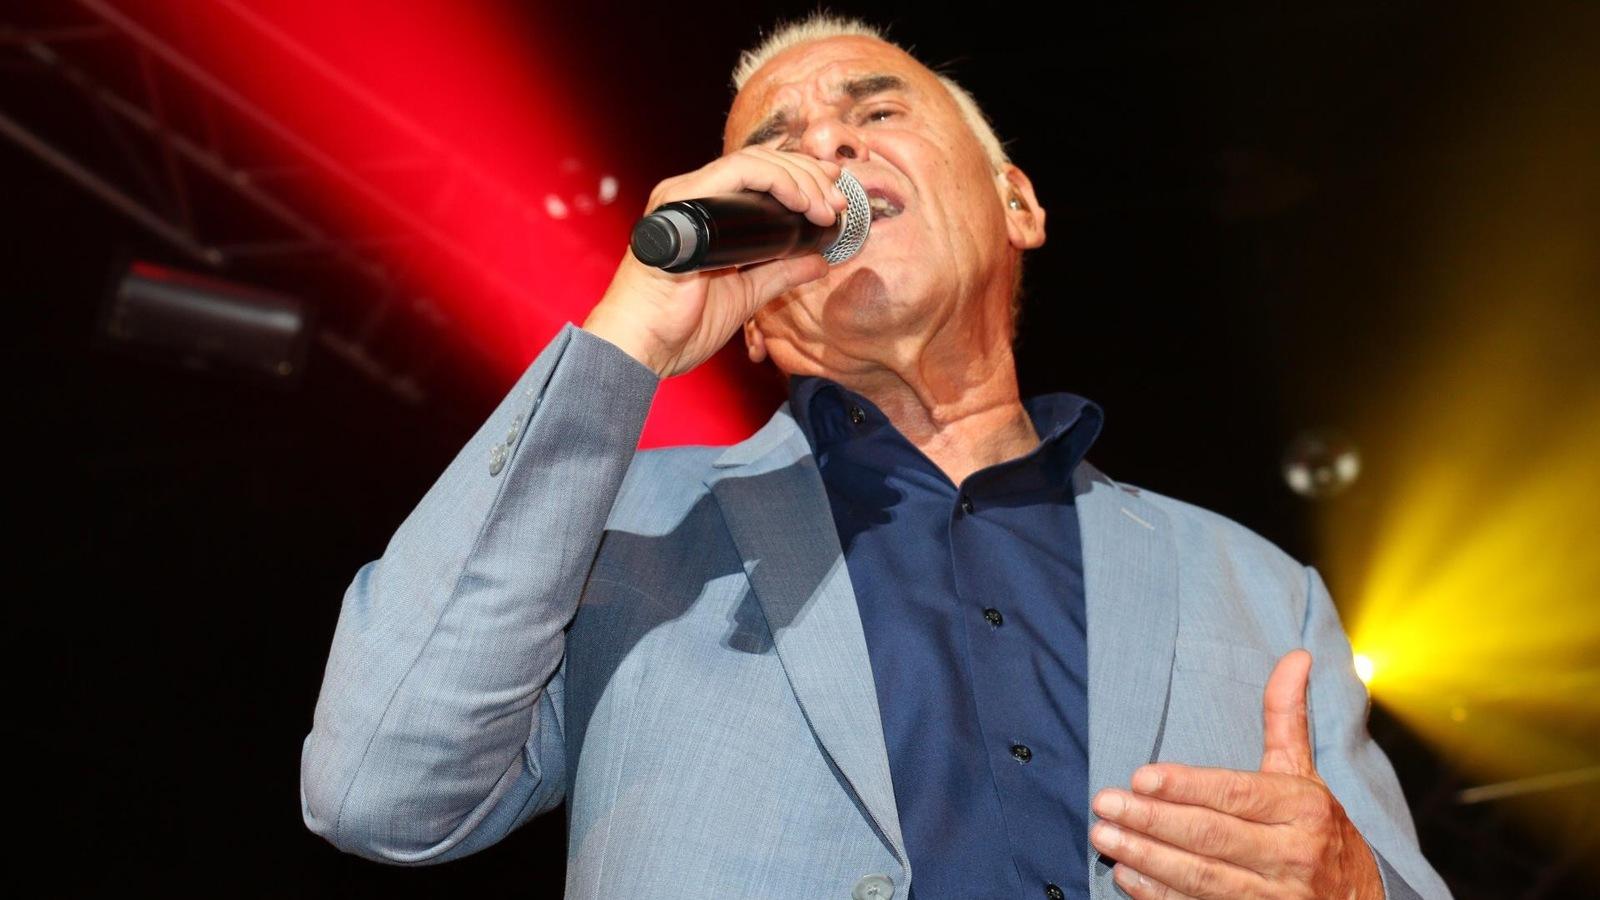 Michel Fugain a chanté pendant près de deux heures au FestiVoix.